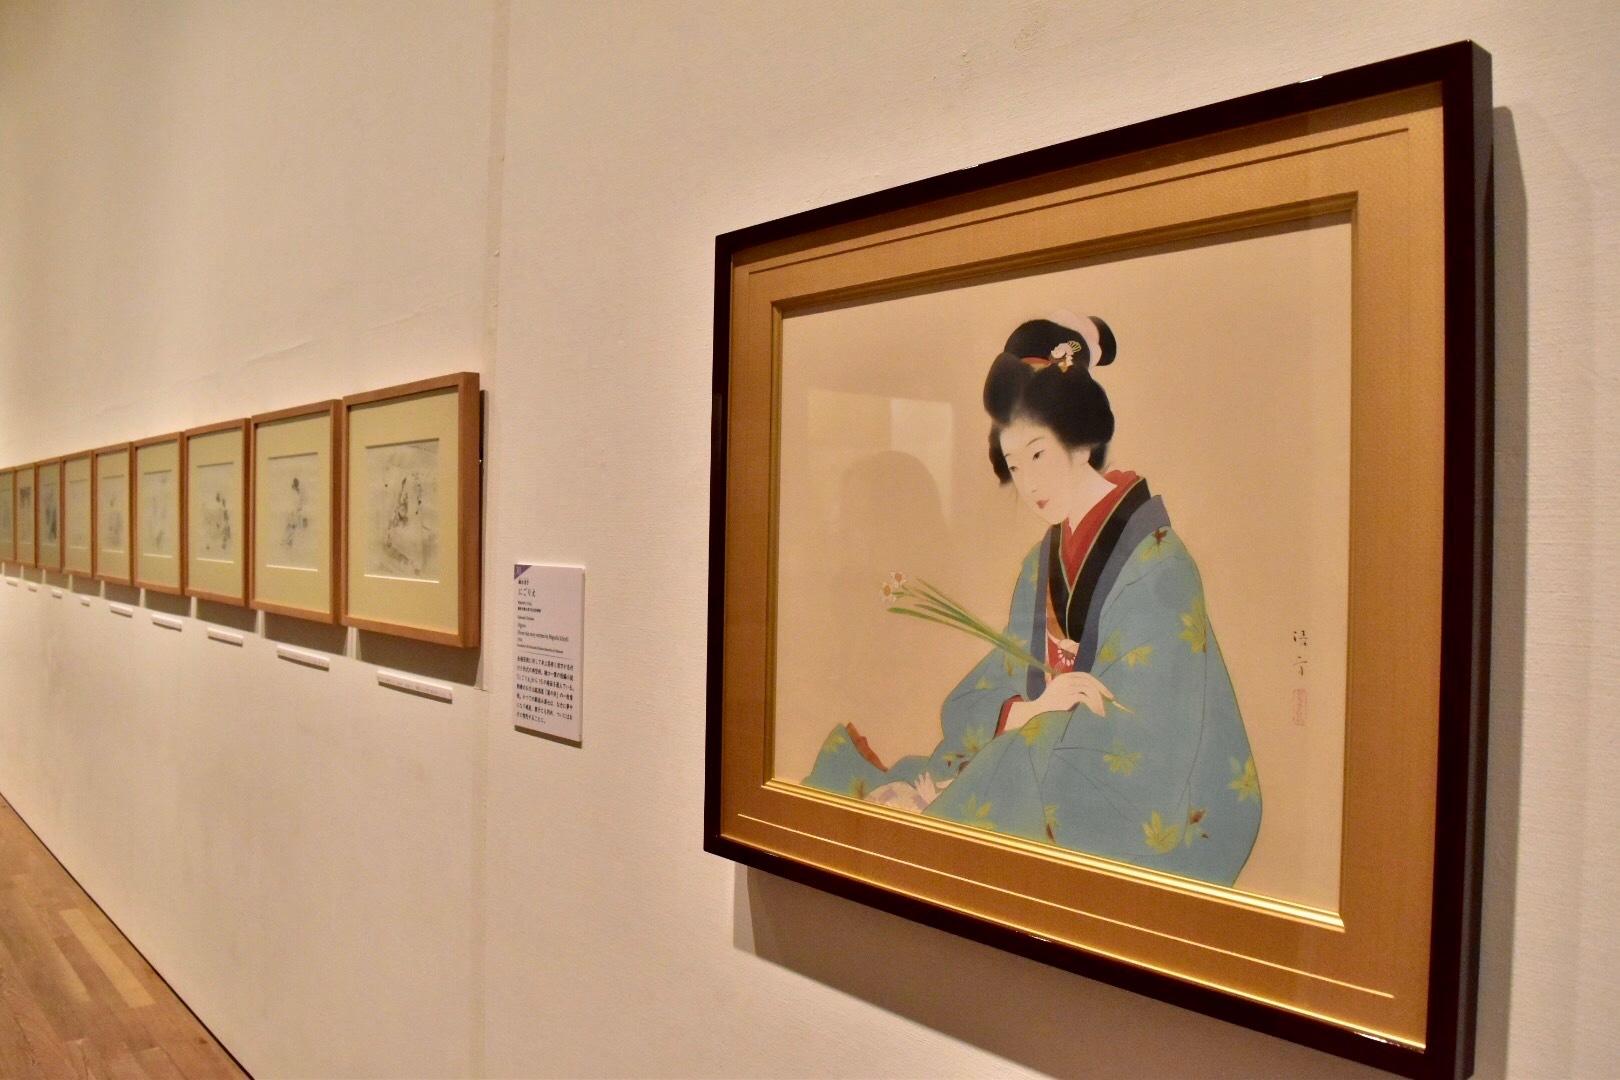 鏑木清方 《たけくらべの美登利》 昭和15年 京都国立近代美術館蔵